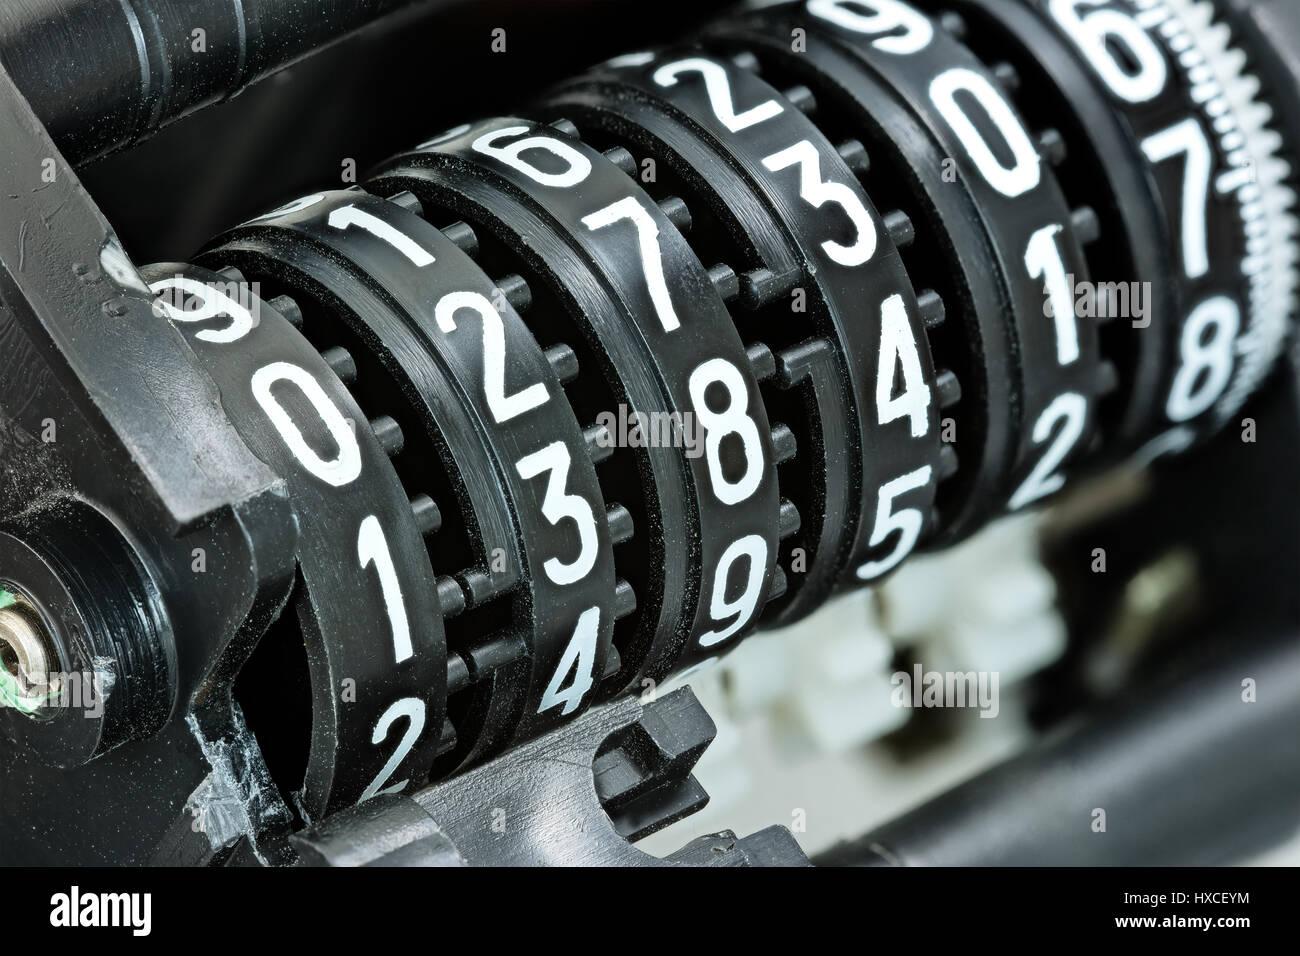 ¿Cuánto mide Jesé Rodríguez? - Real height Marcador-mecanico-con-diferentes-numeros-blancos-sobre-plastico-negro-rollos-de-contador-hxceym